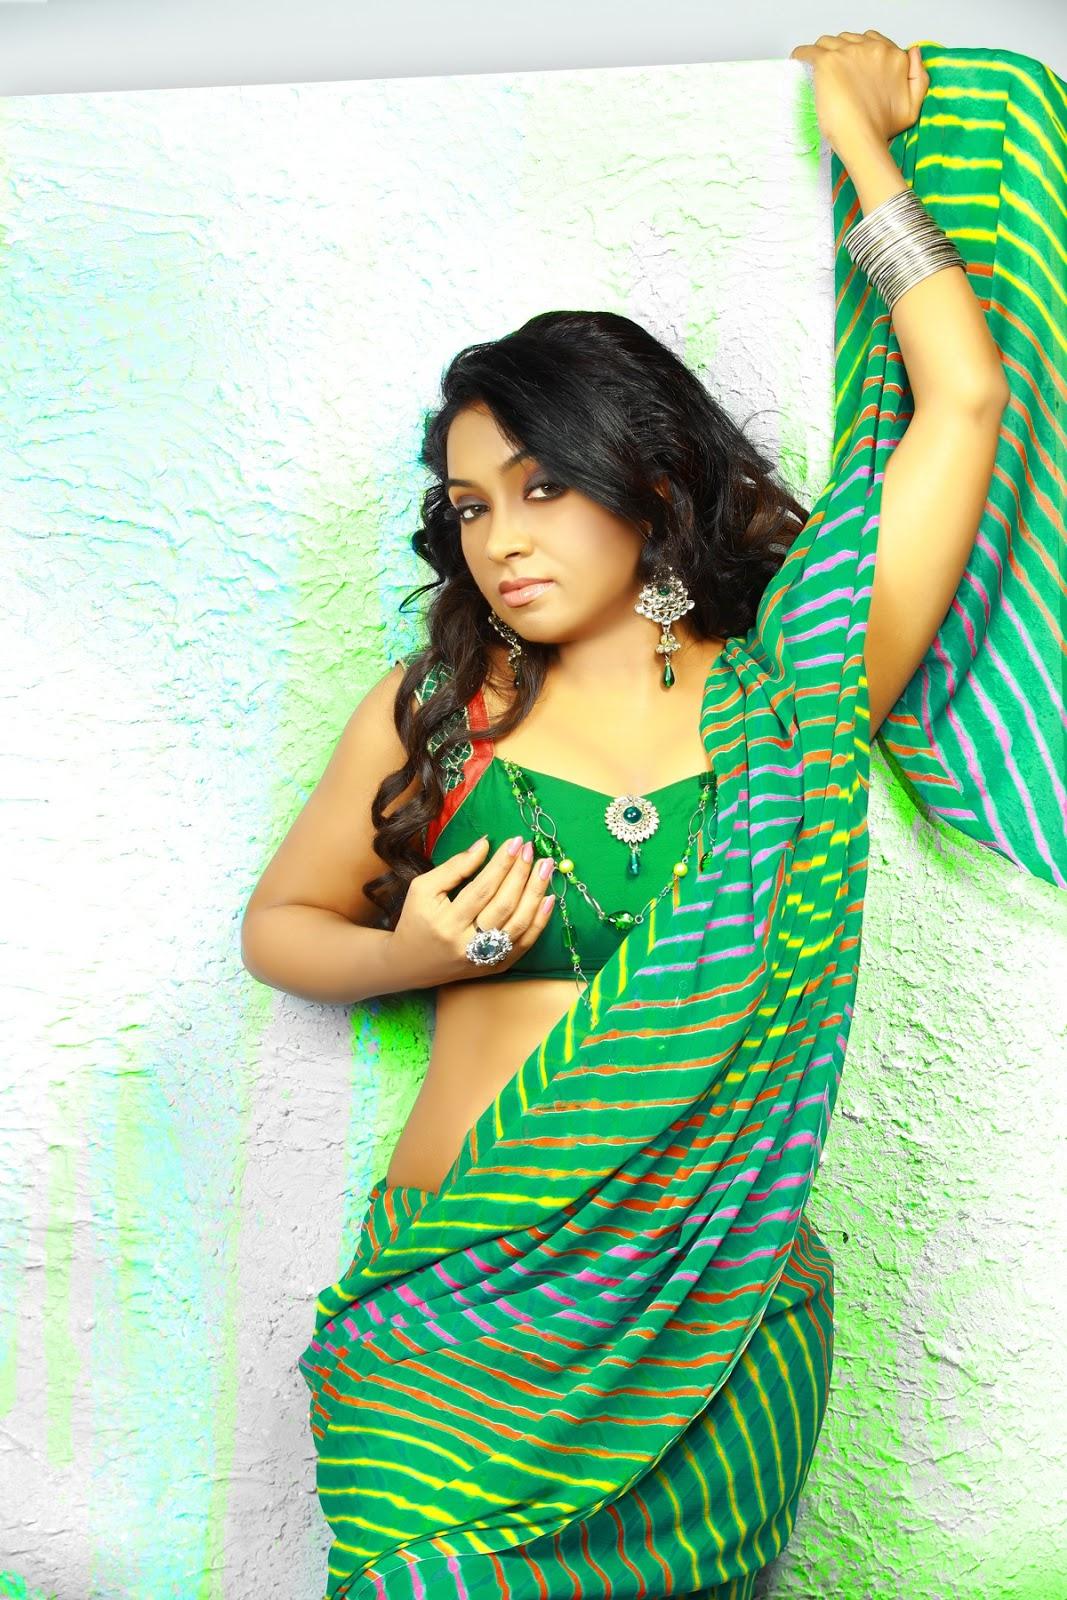 Slicypics Indian Actress Tamanna Bhatia Photos: Vaishali Spicy Green Saree Stills